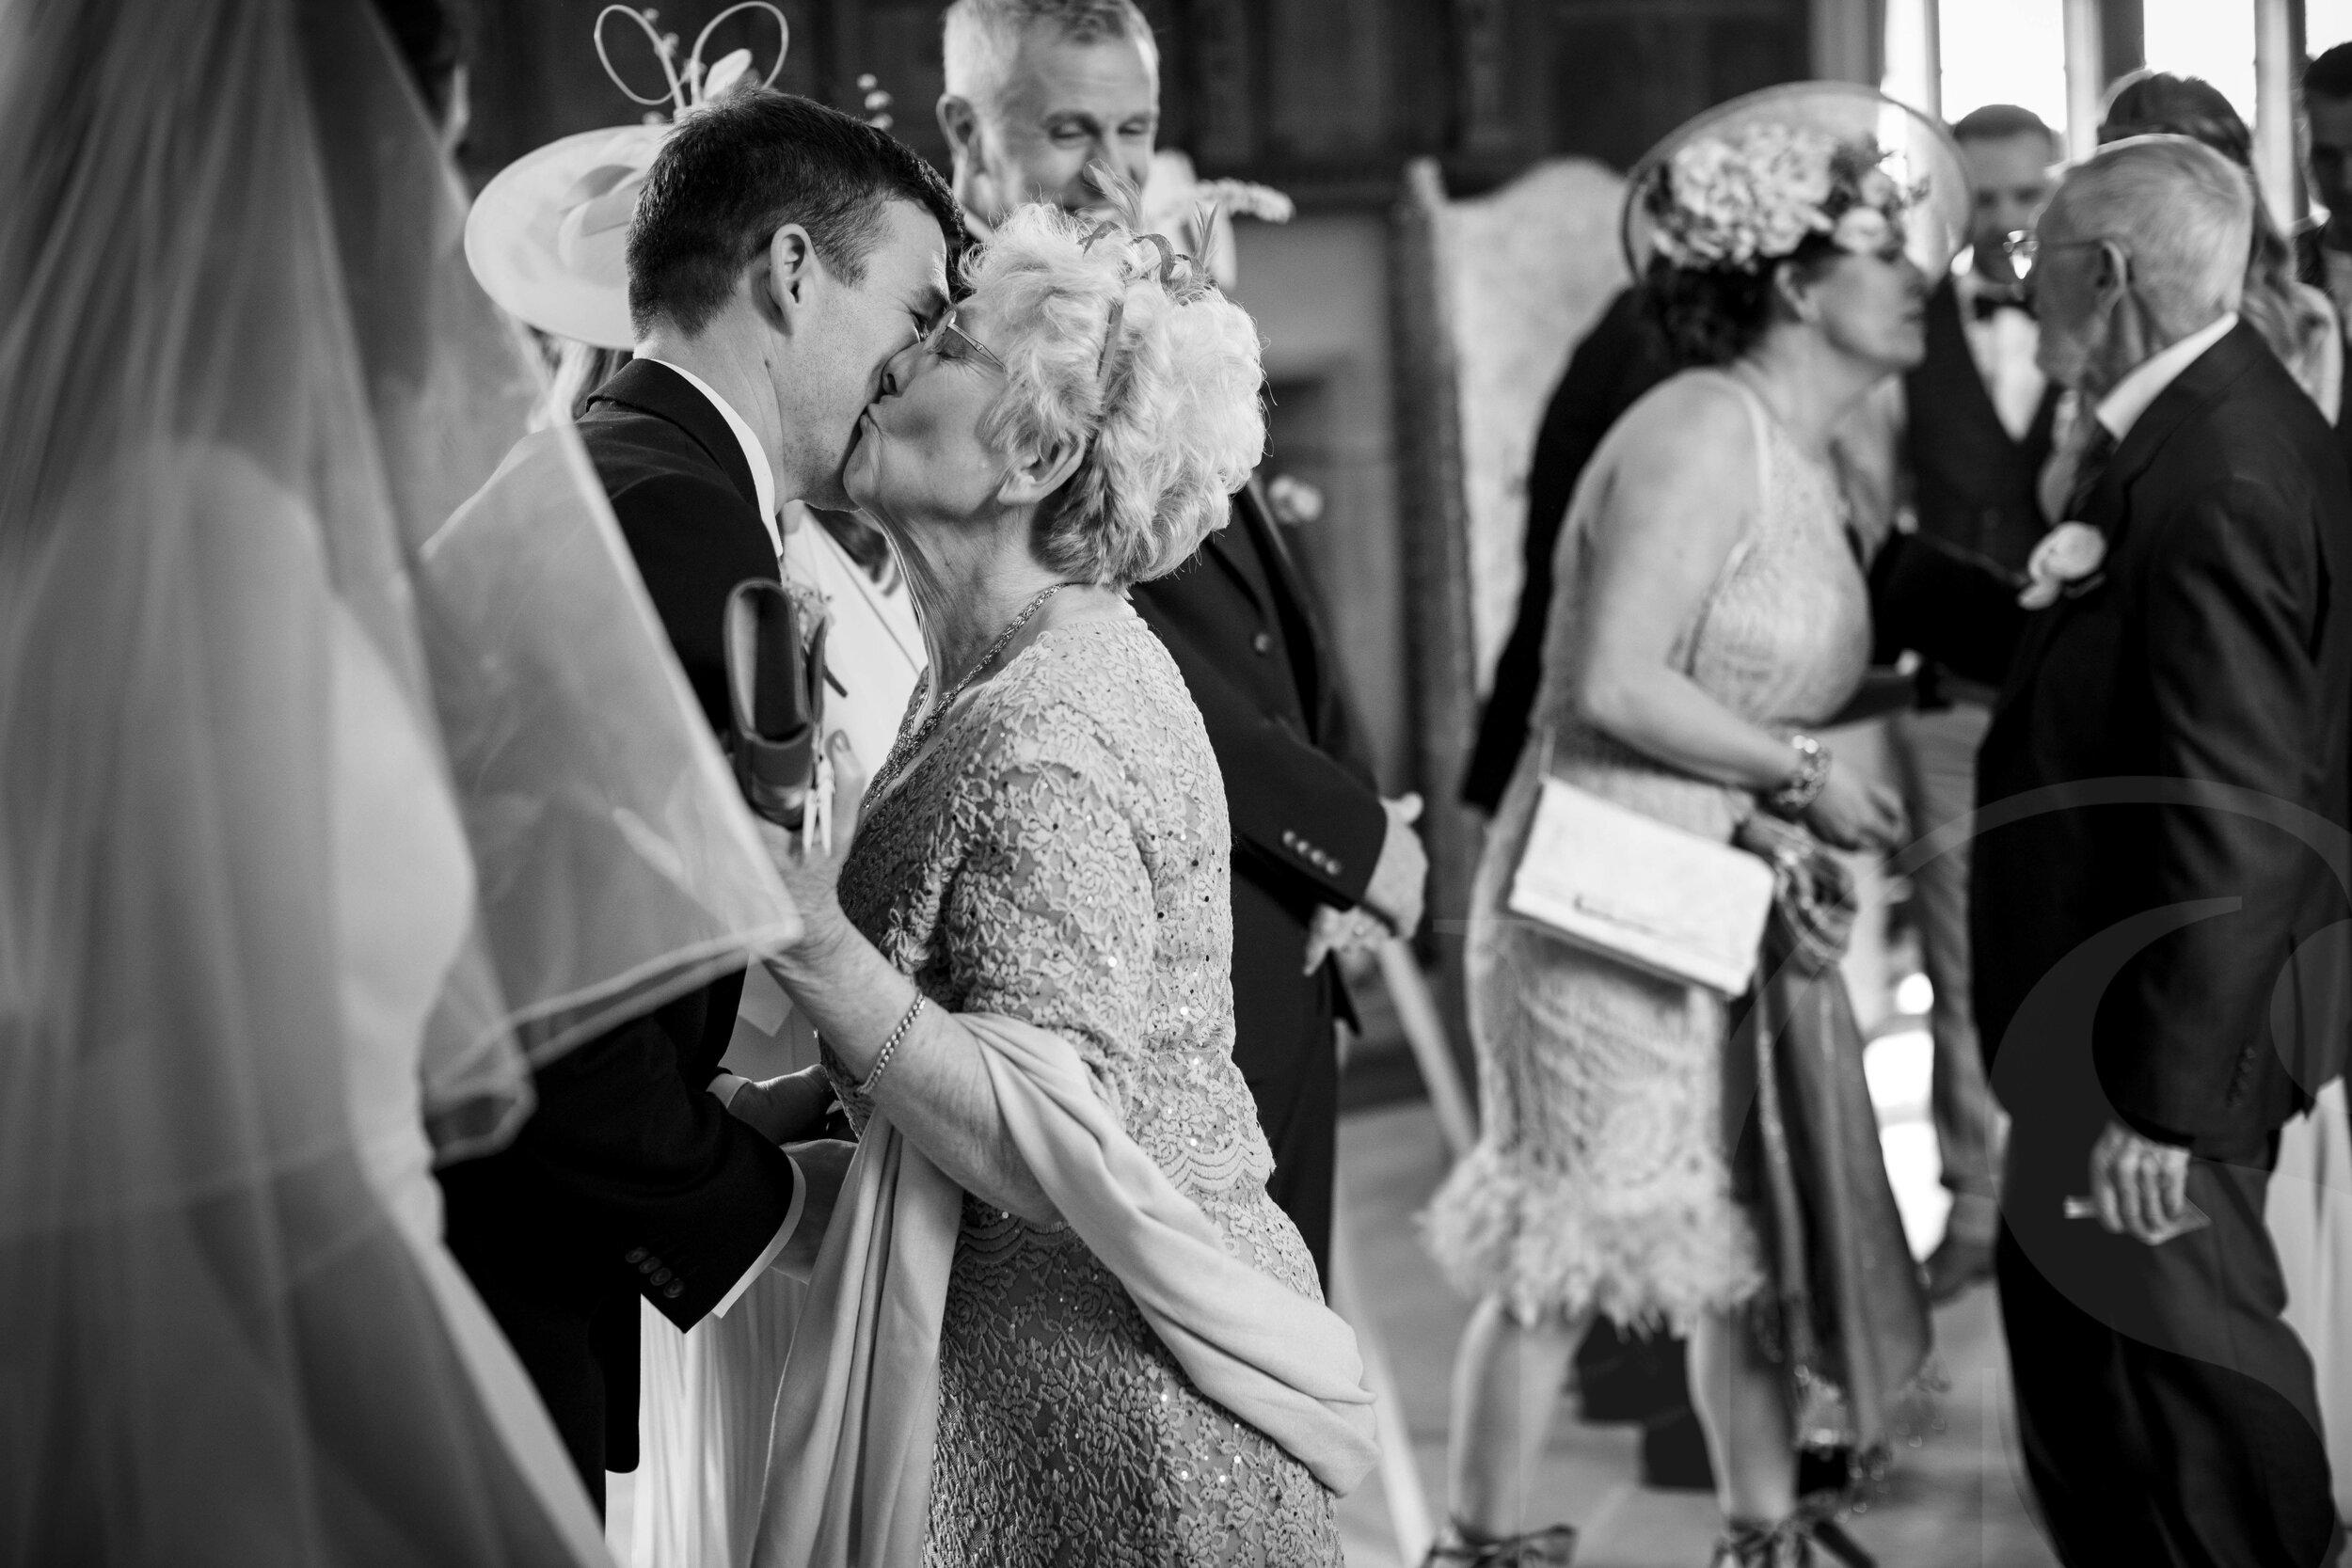 brinsop-court-wedding-photographer-1.jpg